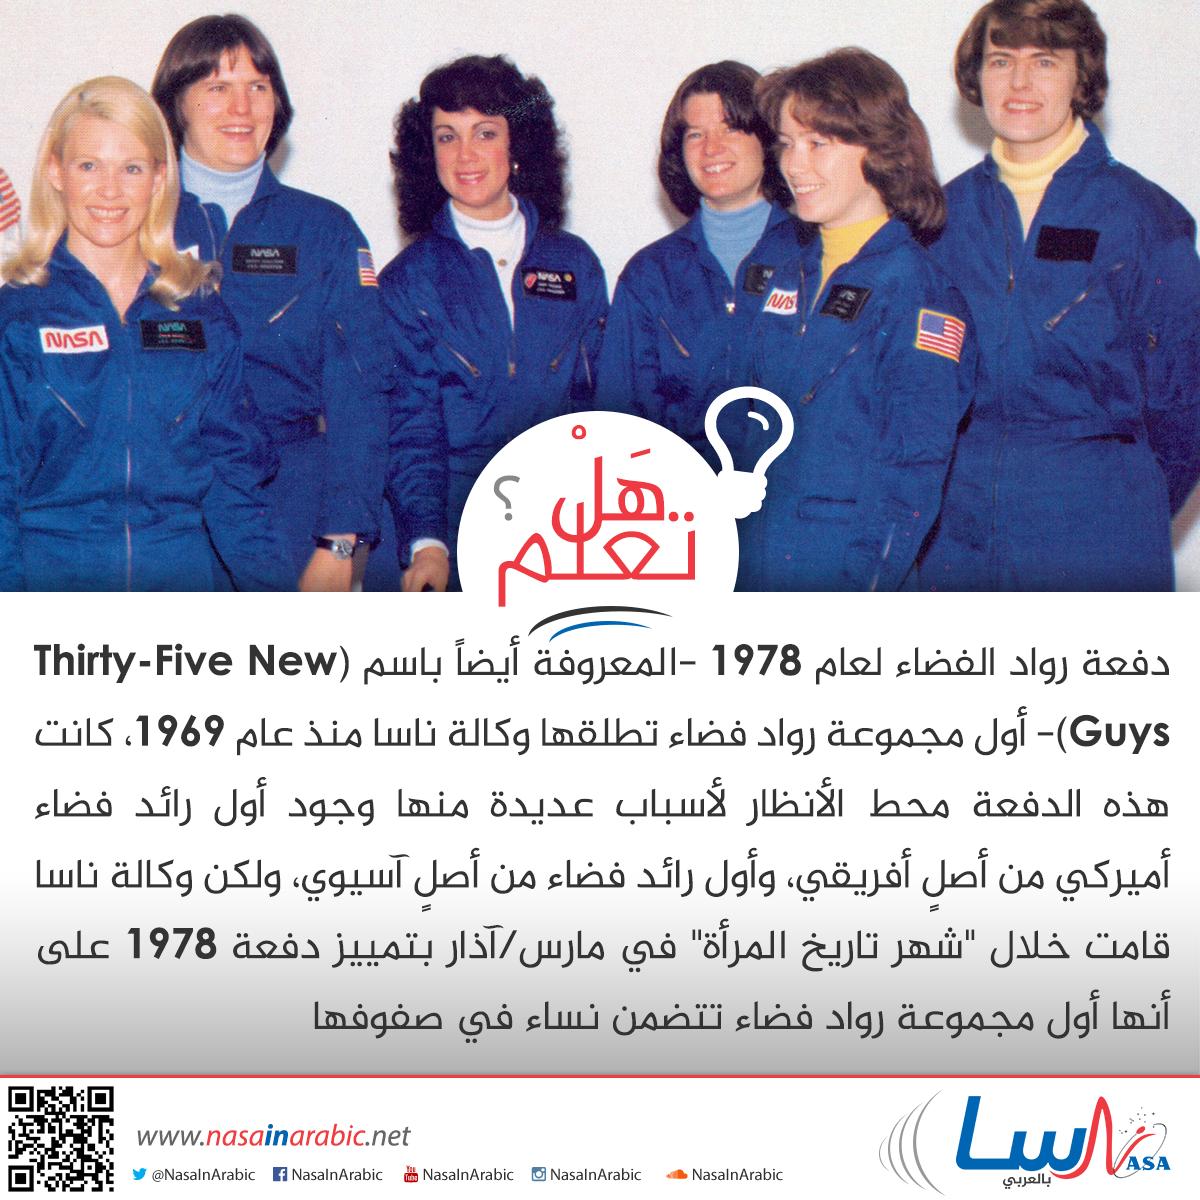 أول مجموعة رواد فضاء تتضمن نساء في صفوفها